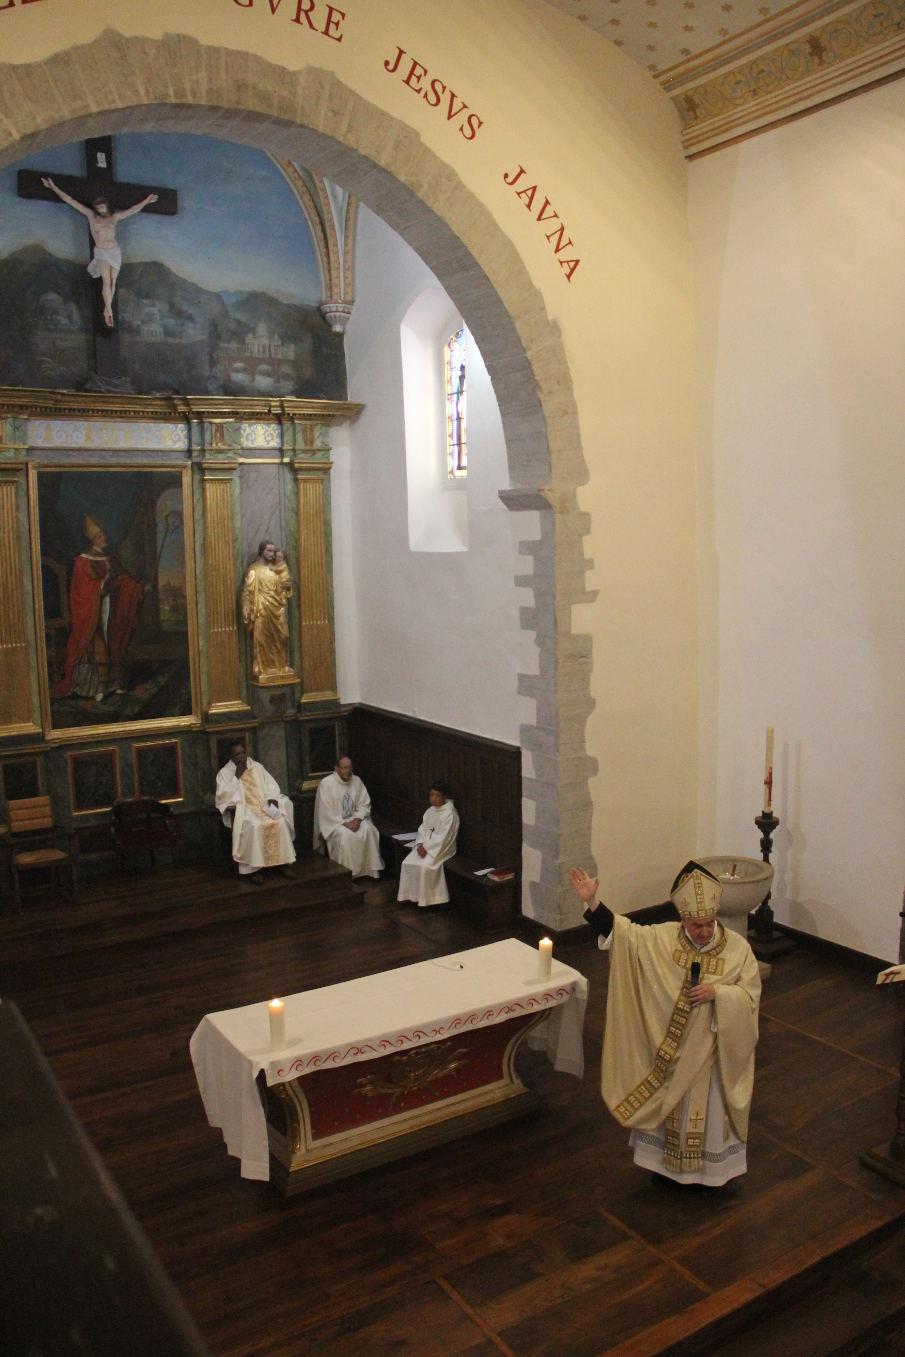 Homélie de Monseigneur Aillet qui apprécie beaucoup le travail réalisé